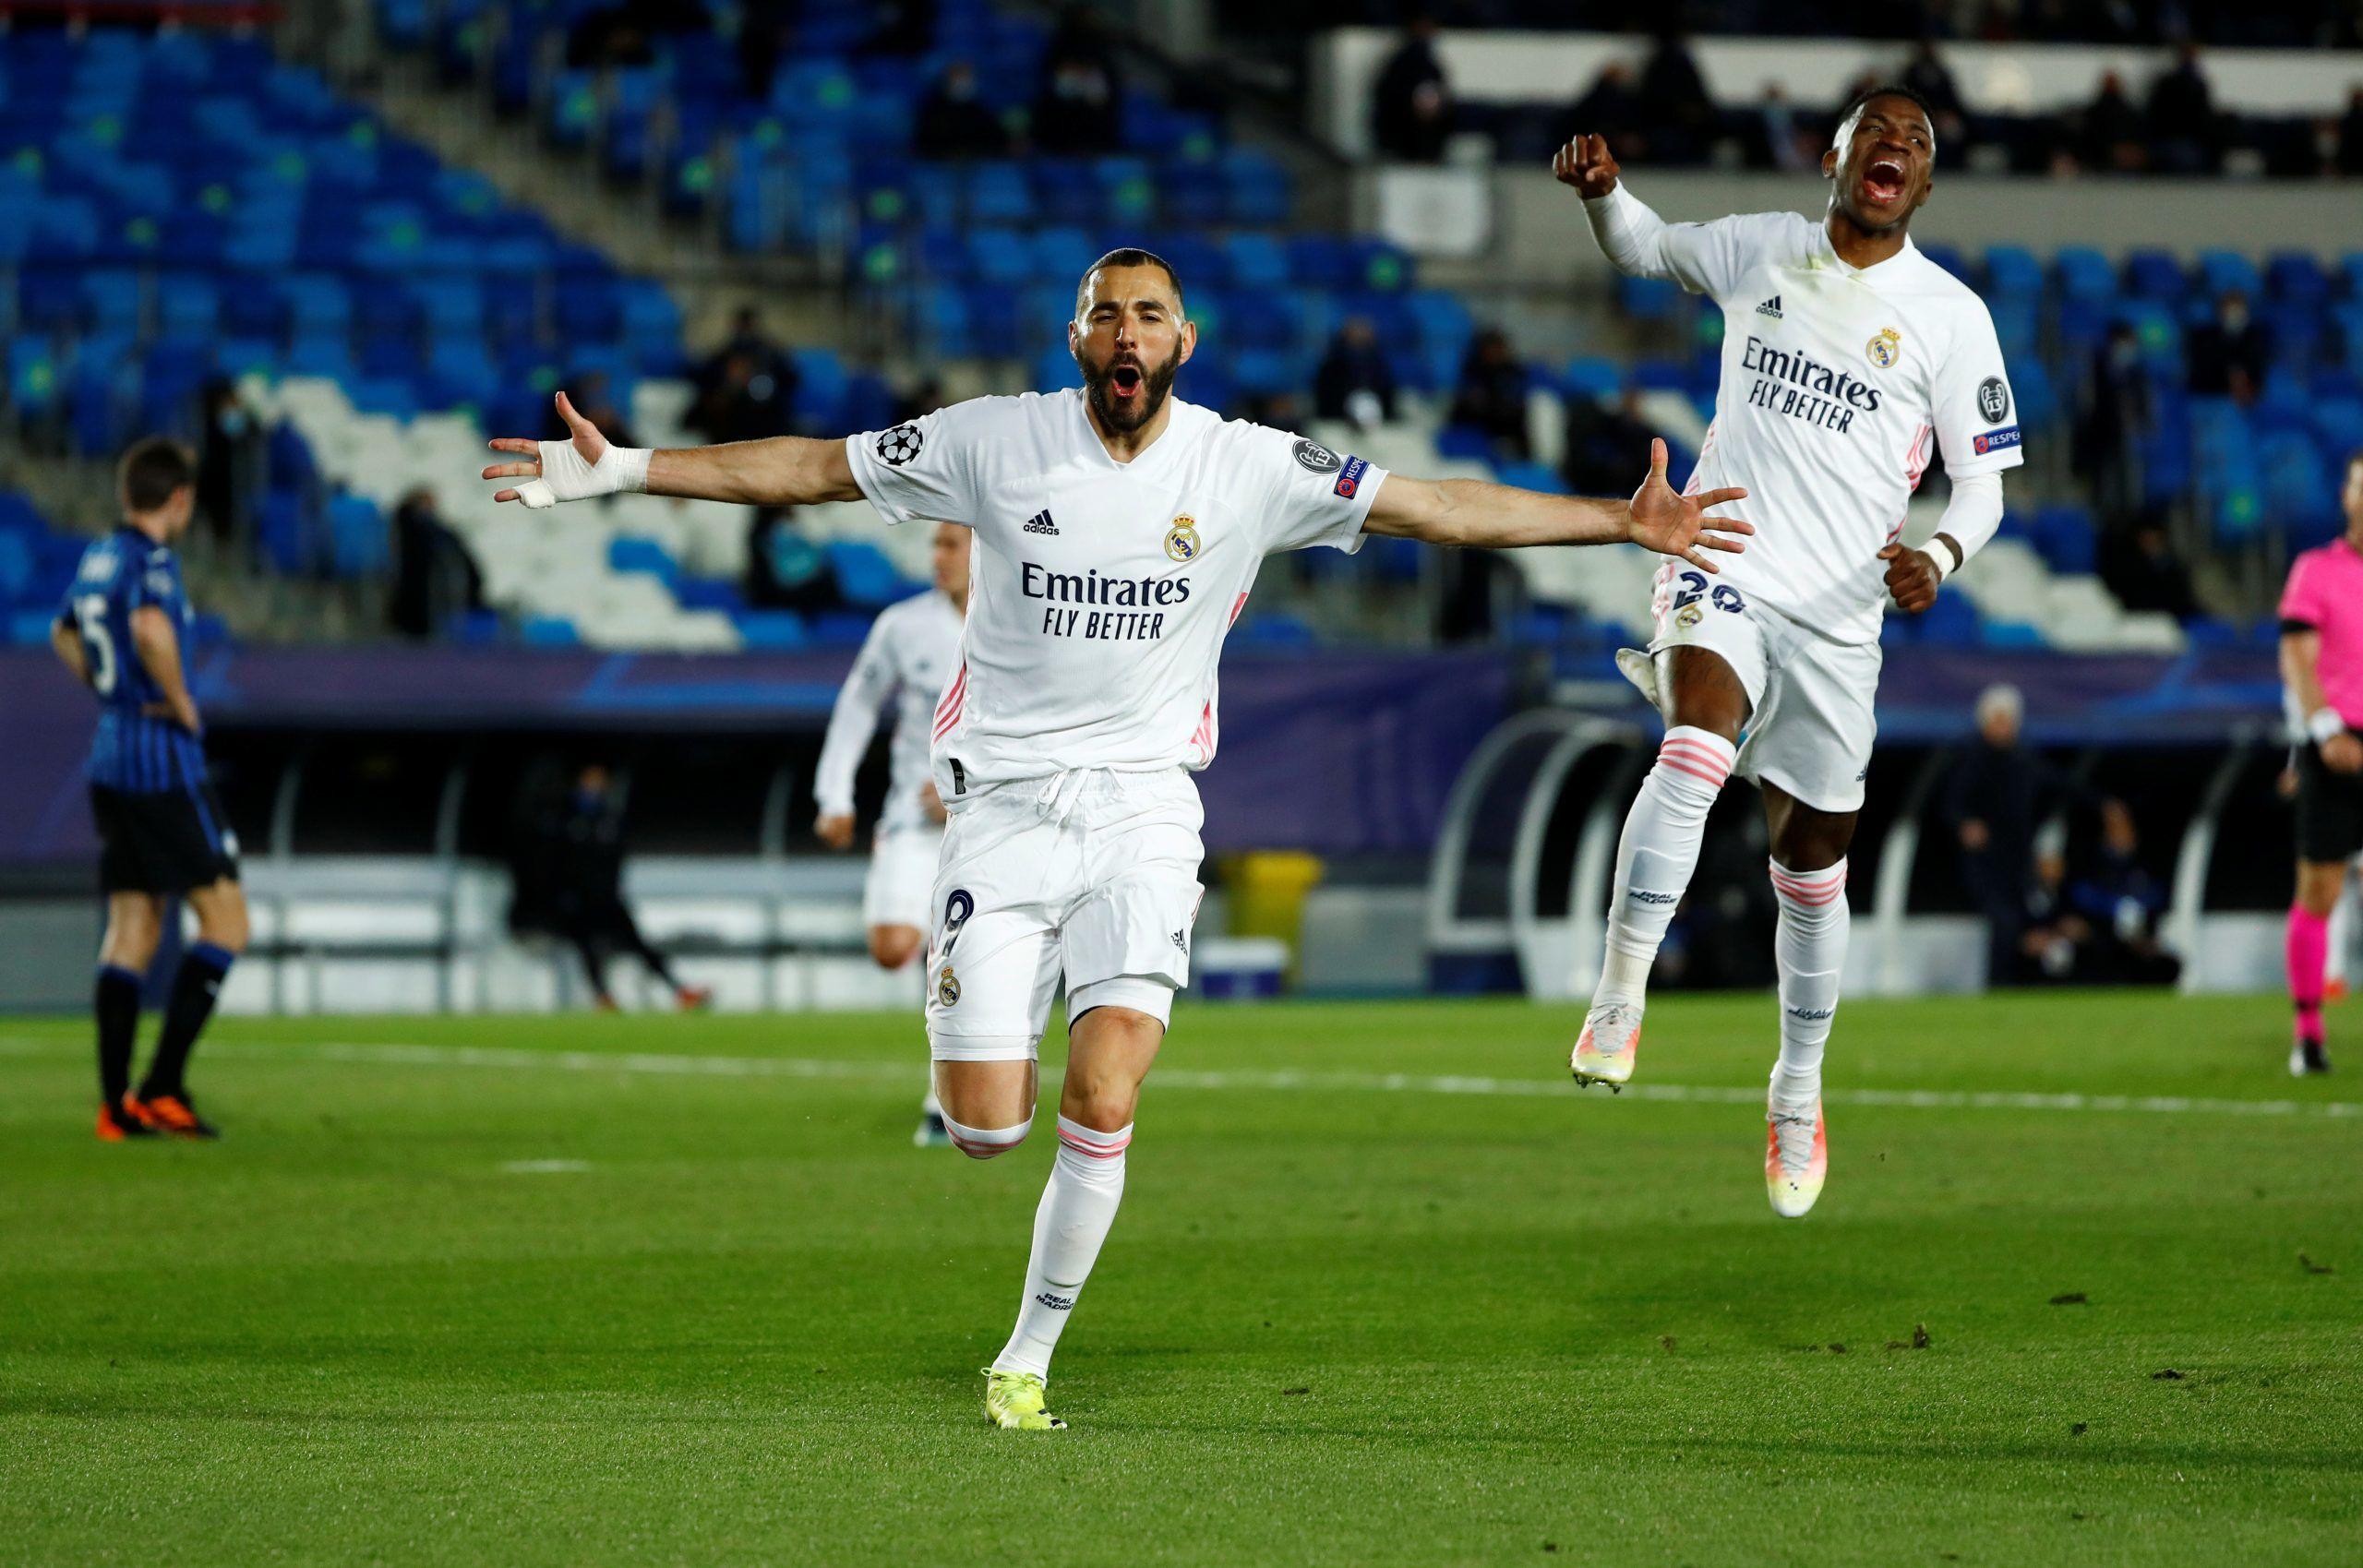 Прогноз на 27.04.21. Реал Мадрид - Челси